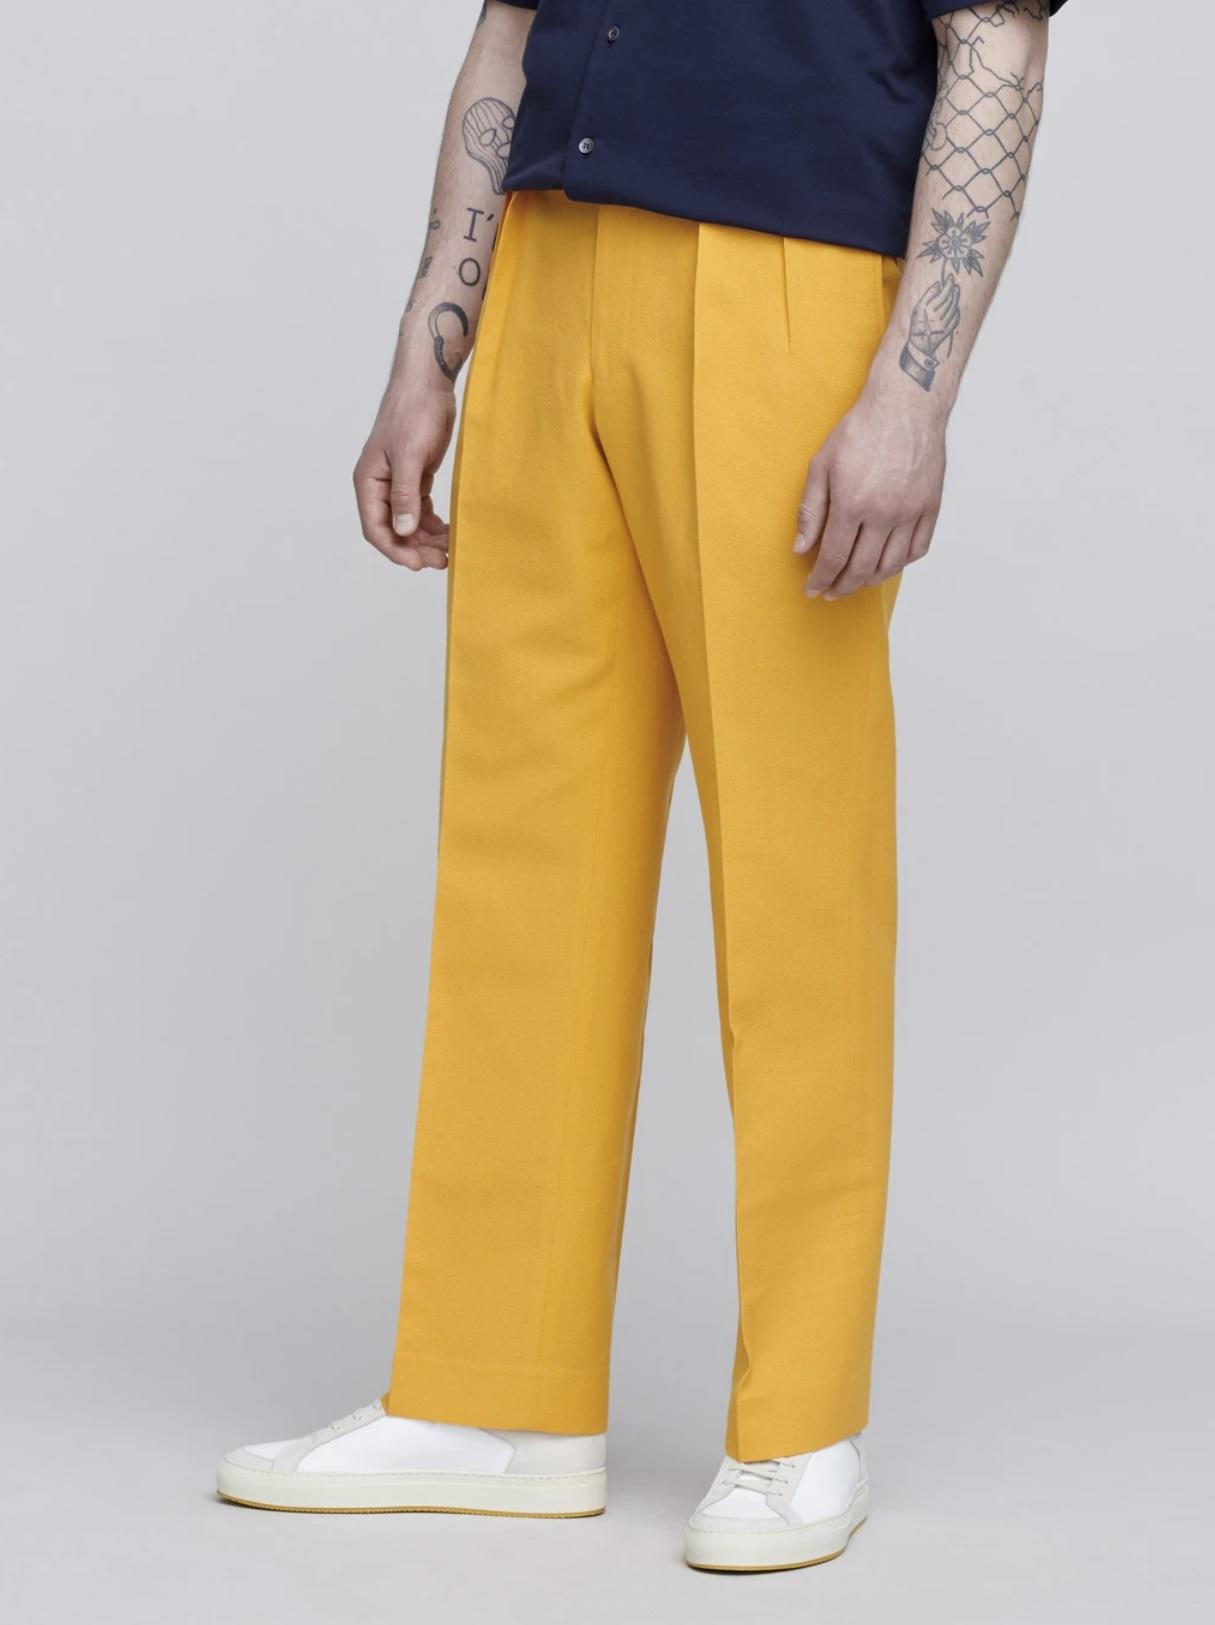 sommertøj til mænd gule bukser